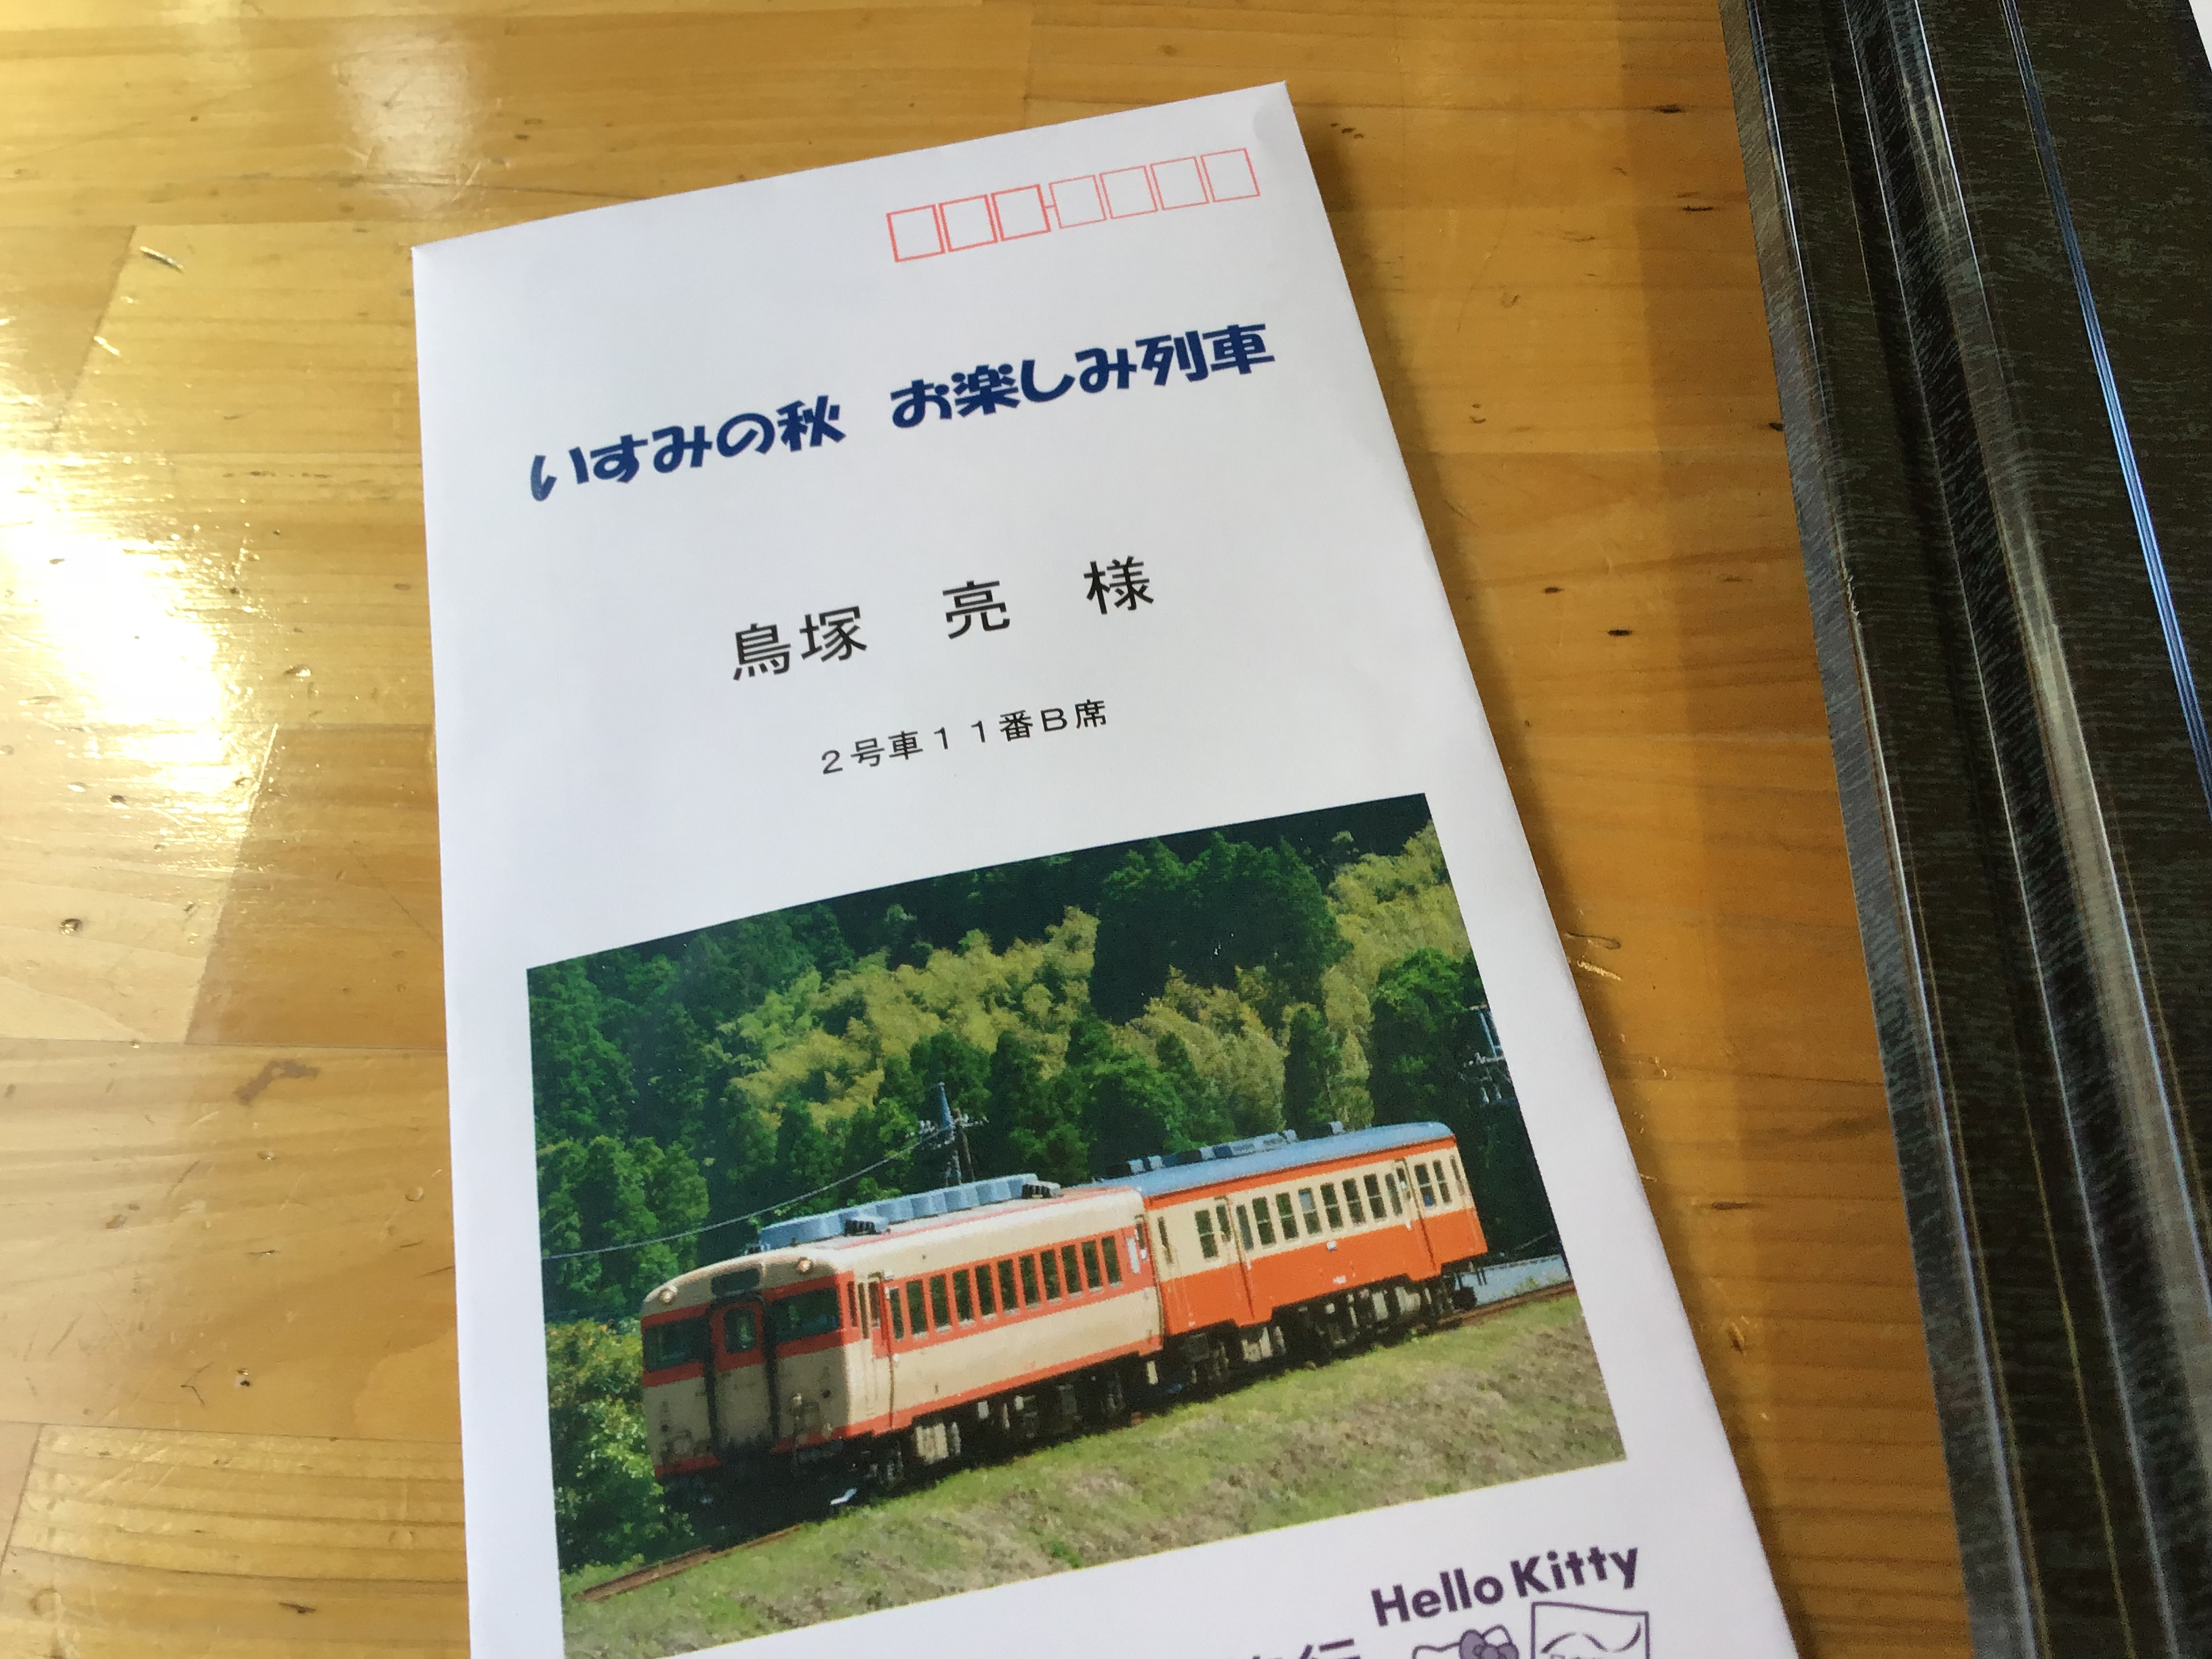 いすみの秋 お楽しみ列車 運転